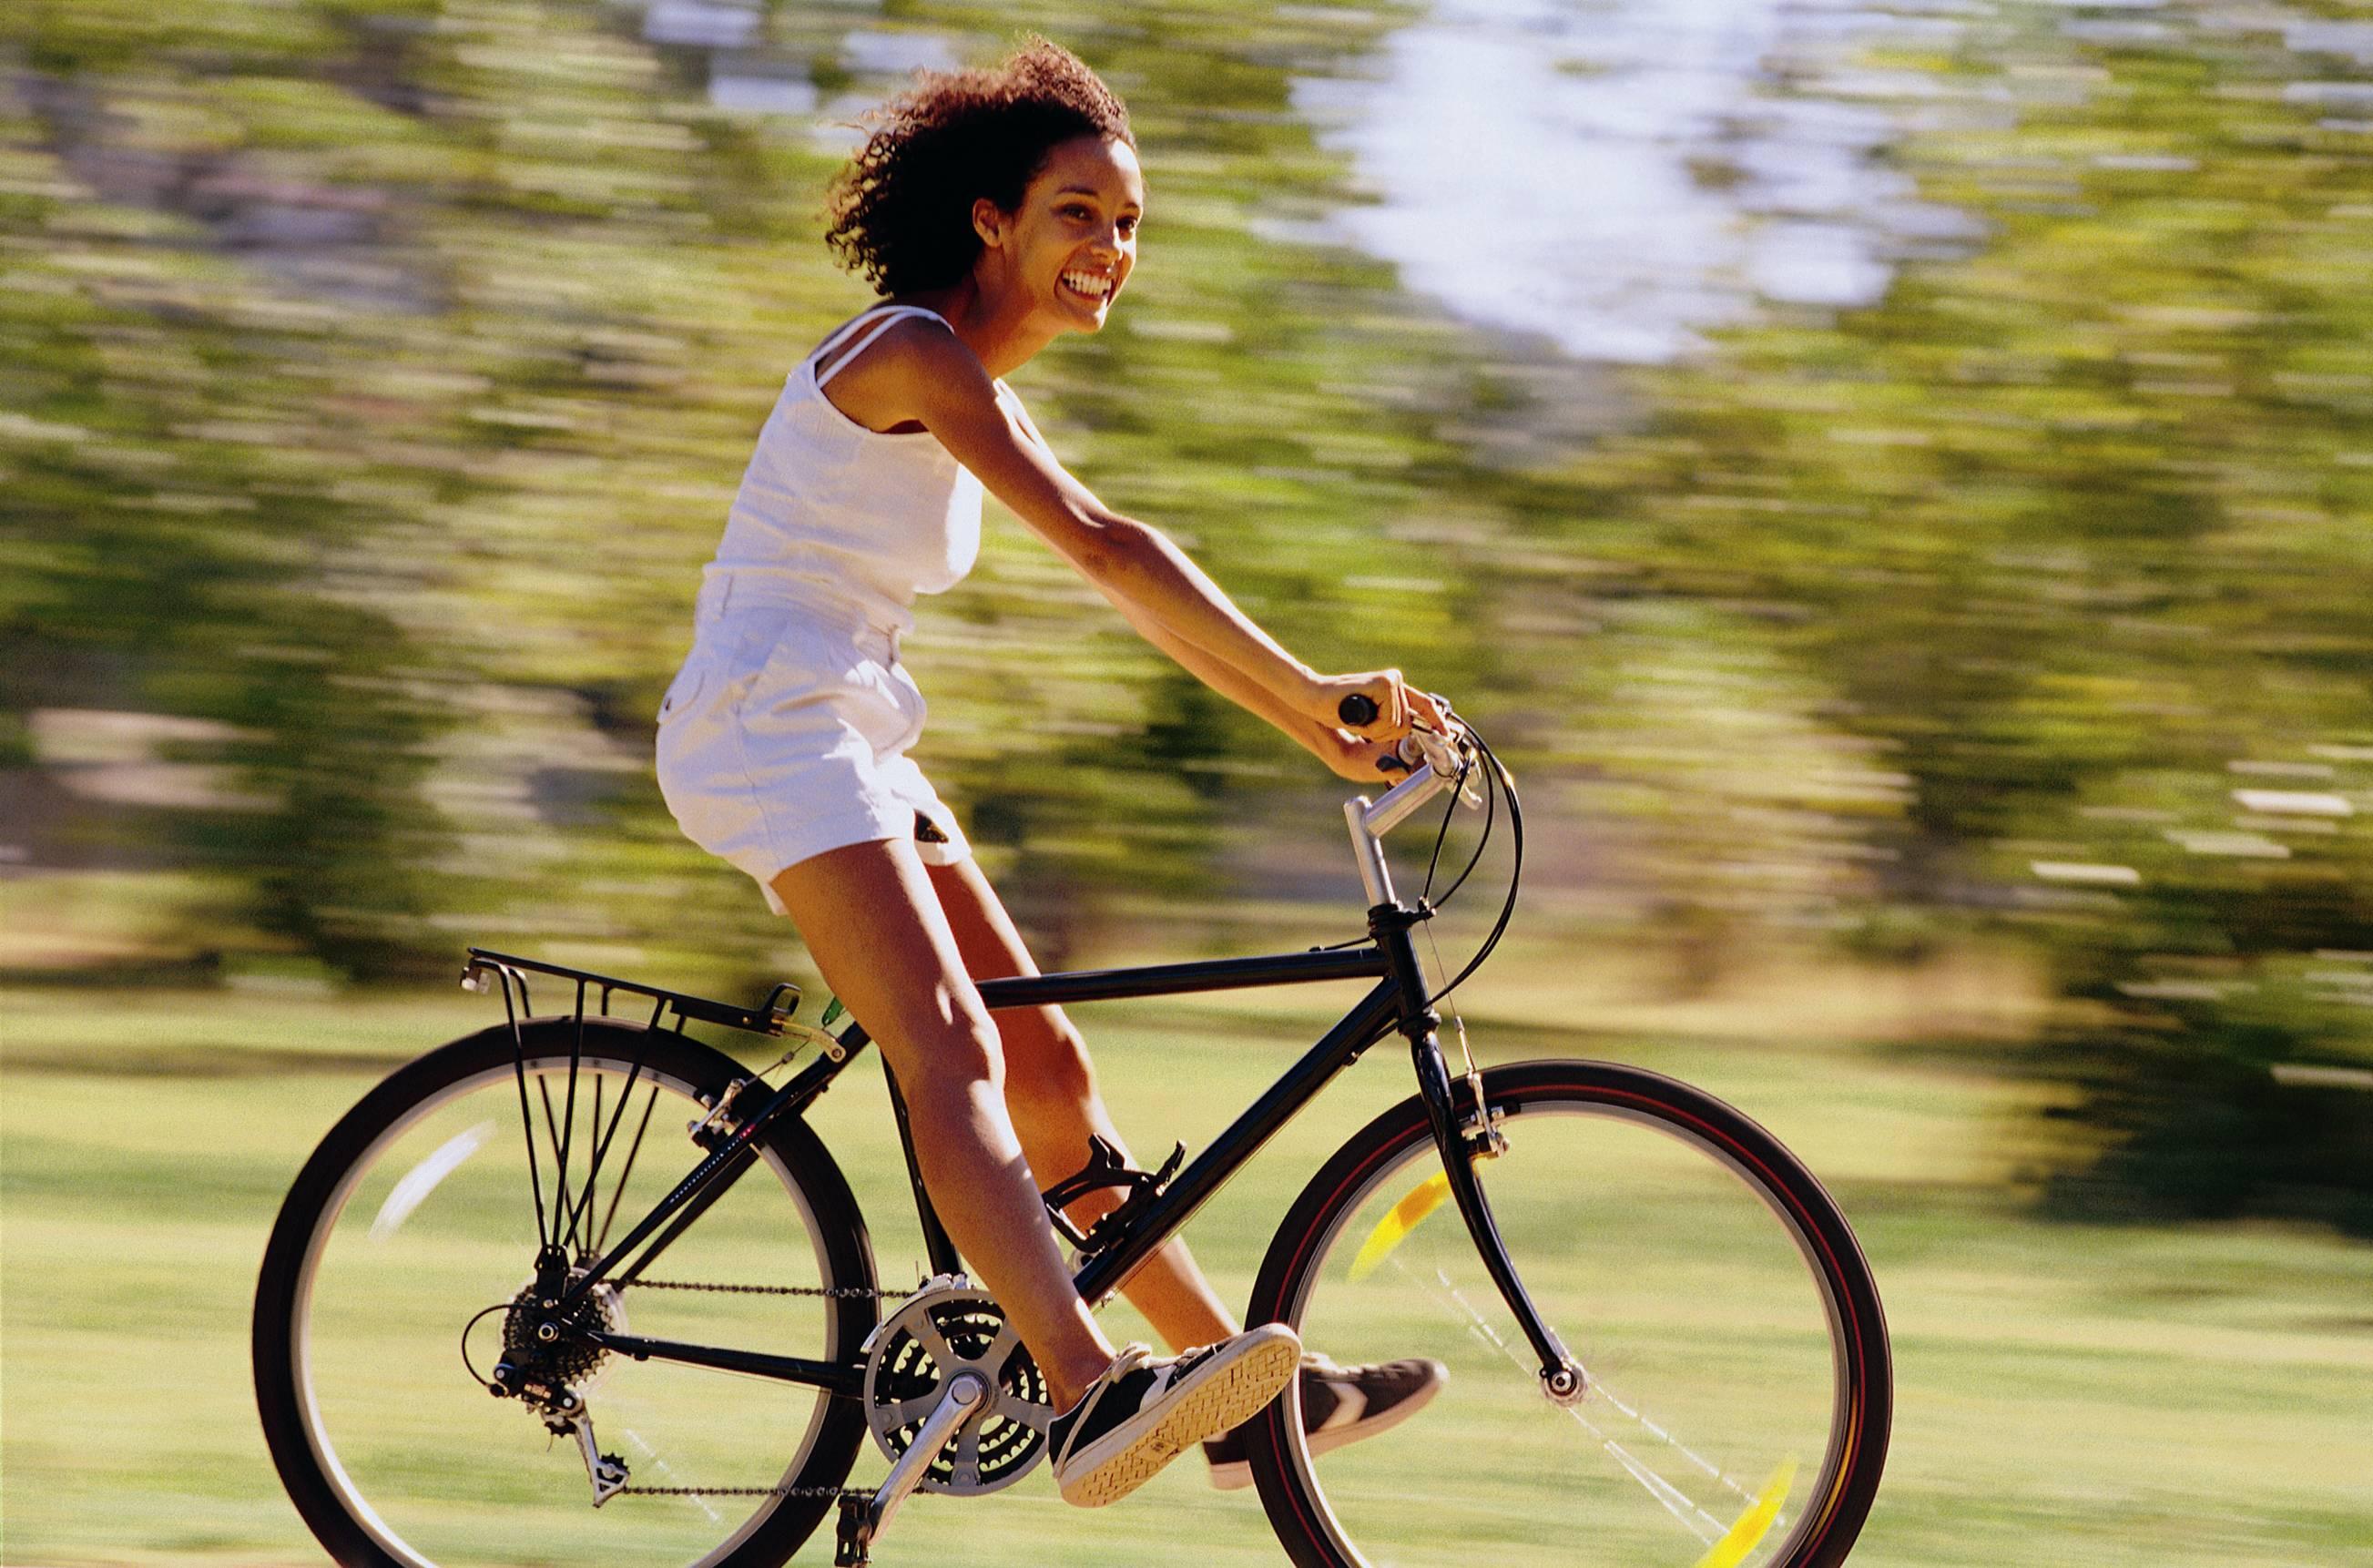 Chica montada en bicicleta haciendo ejercicio